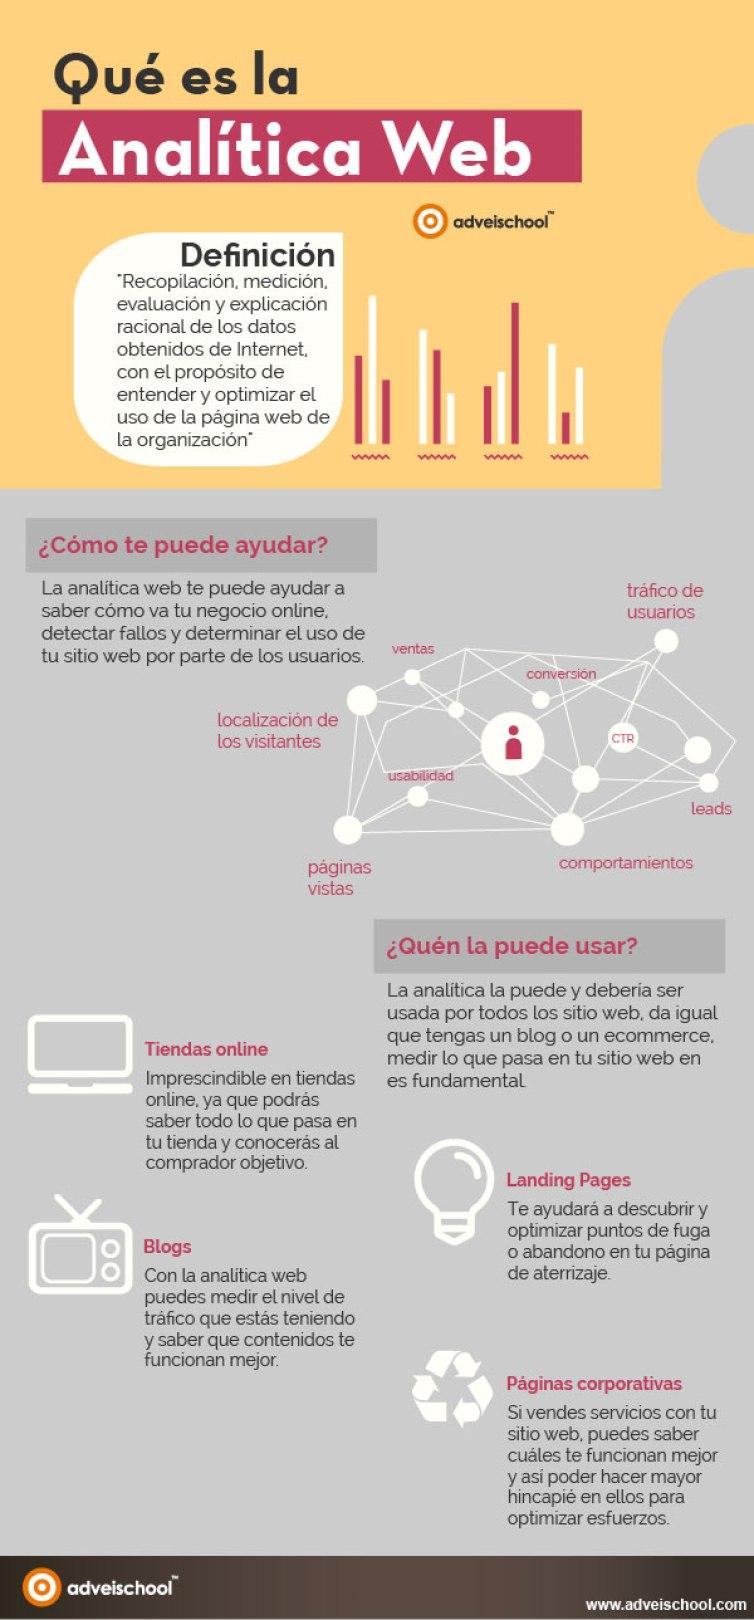 Qué es la Analítica Web